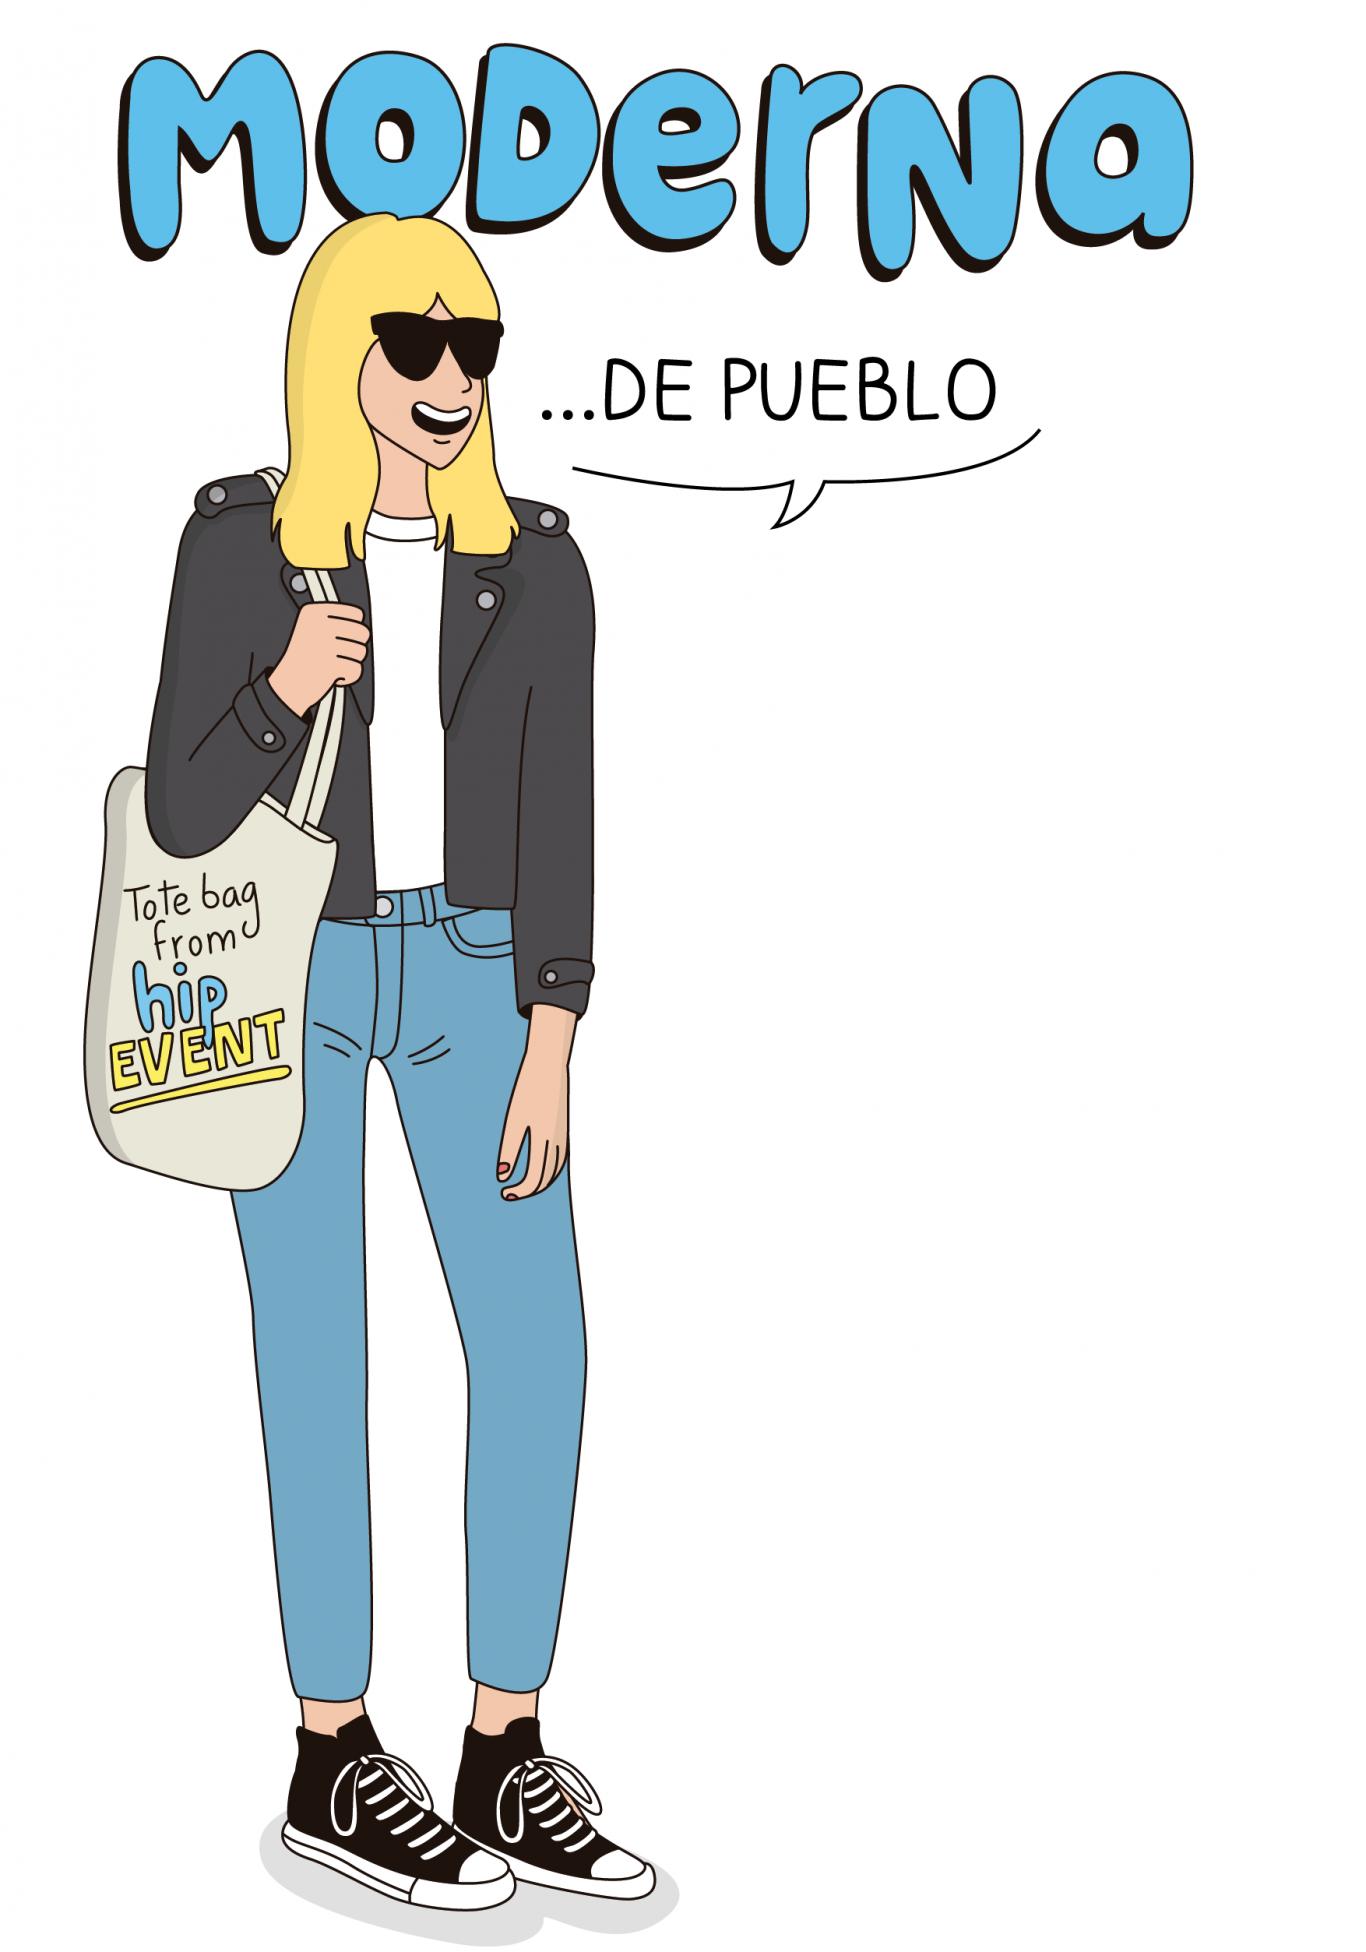 Ilustración de moderna de pueblo